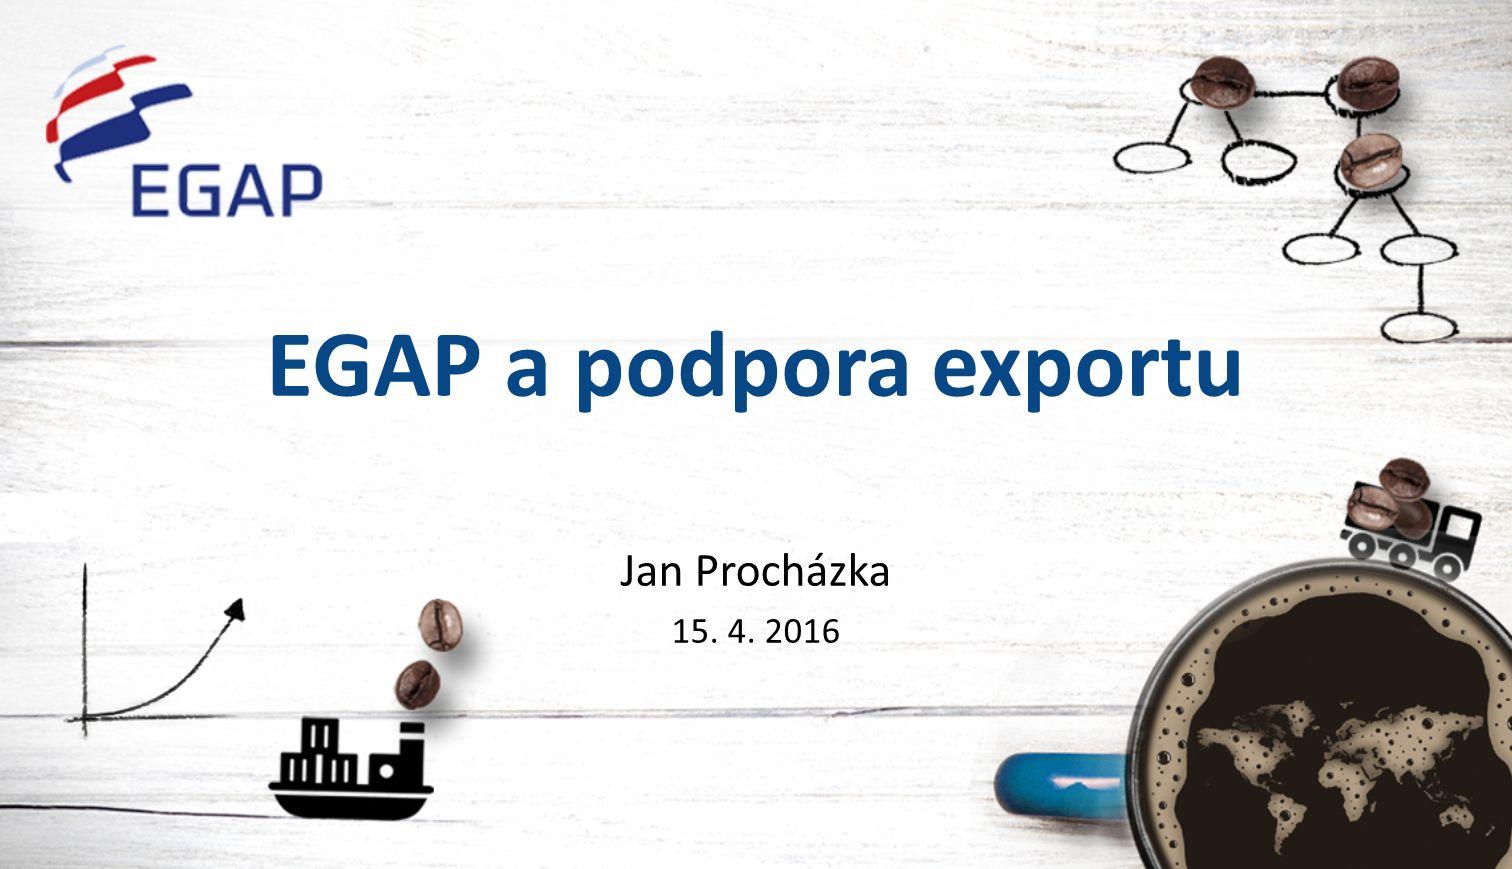 EGAP a podpora exportu Jan Procházka 15. 4. 2016